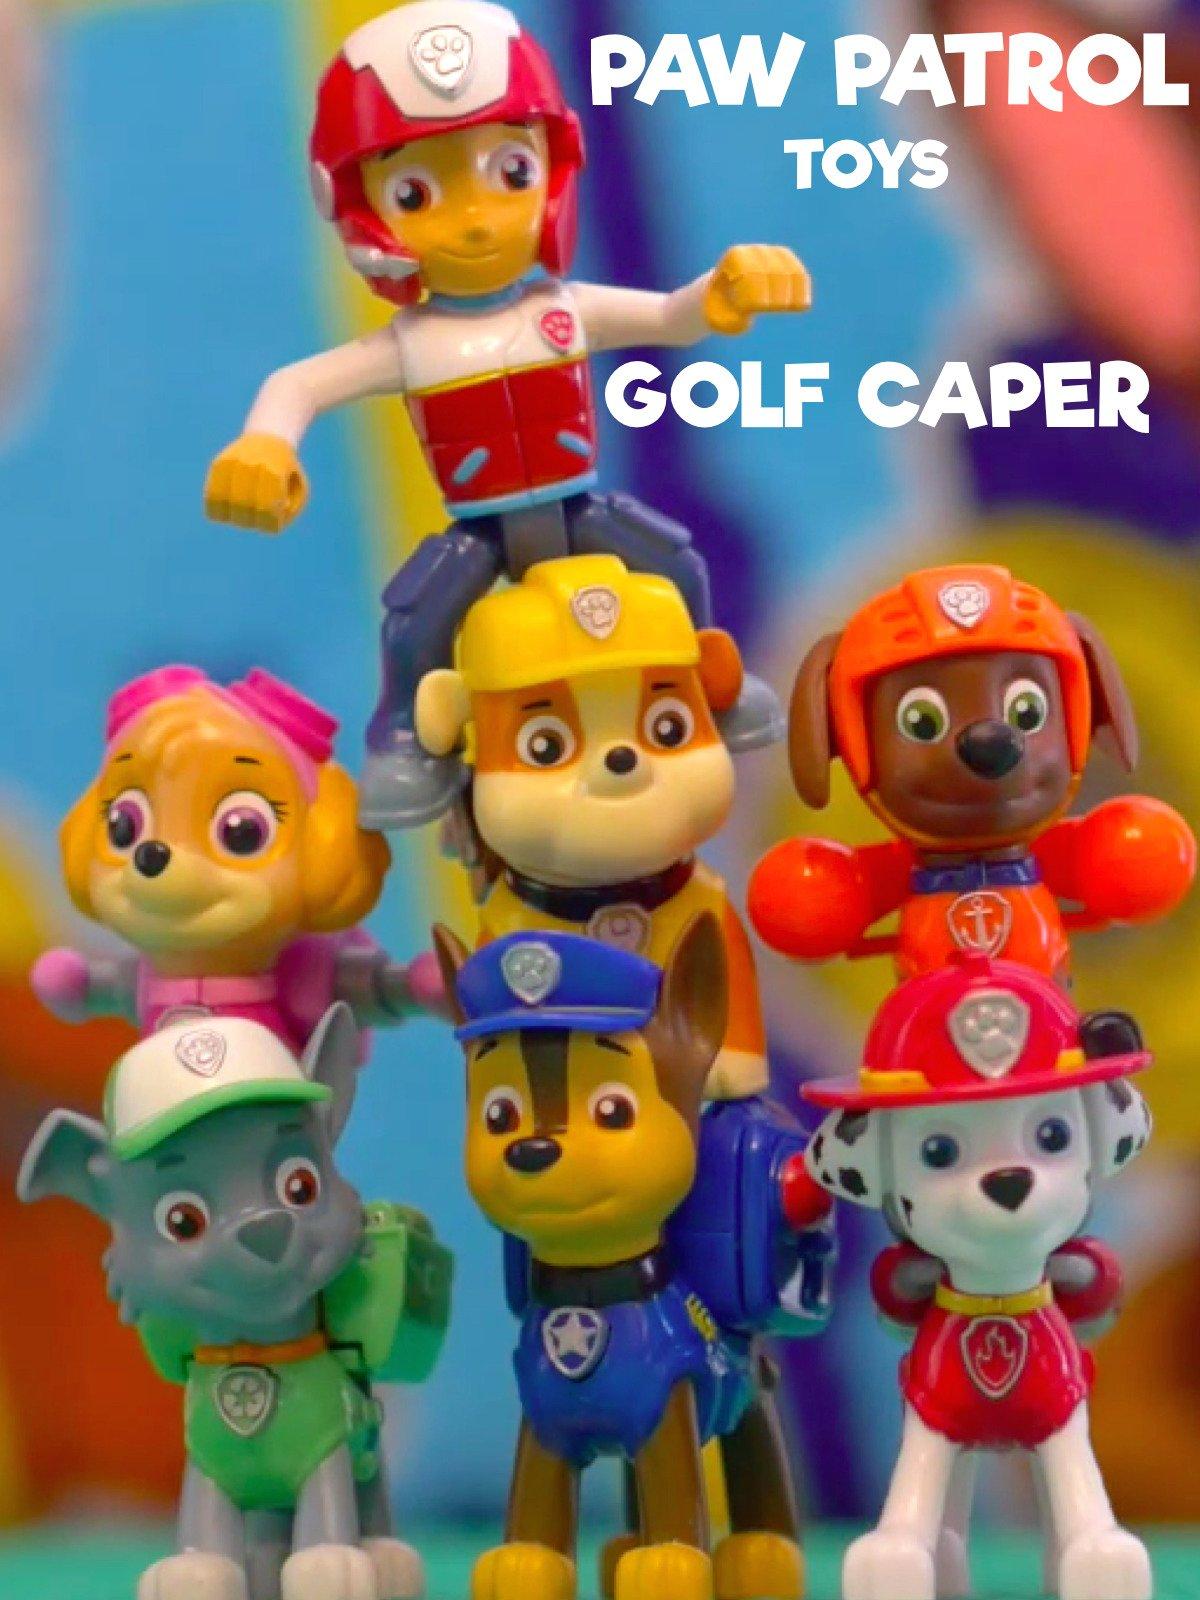 Paw Patrol Toys Golf Caper